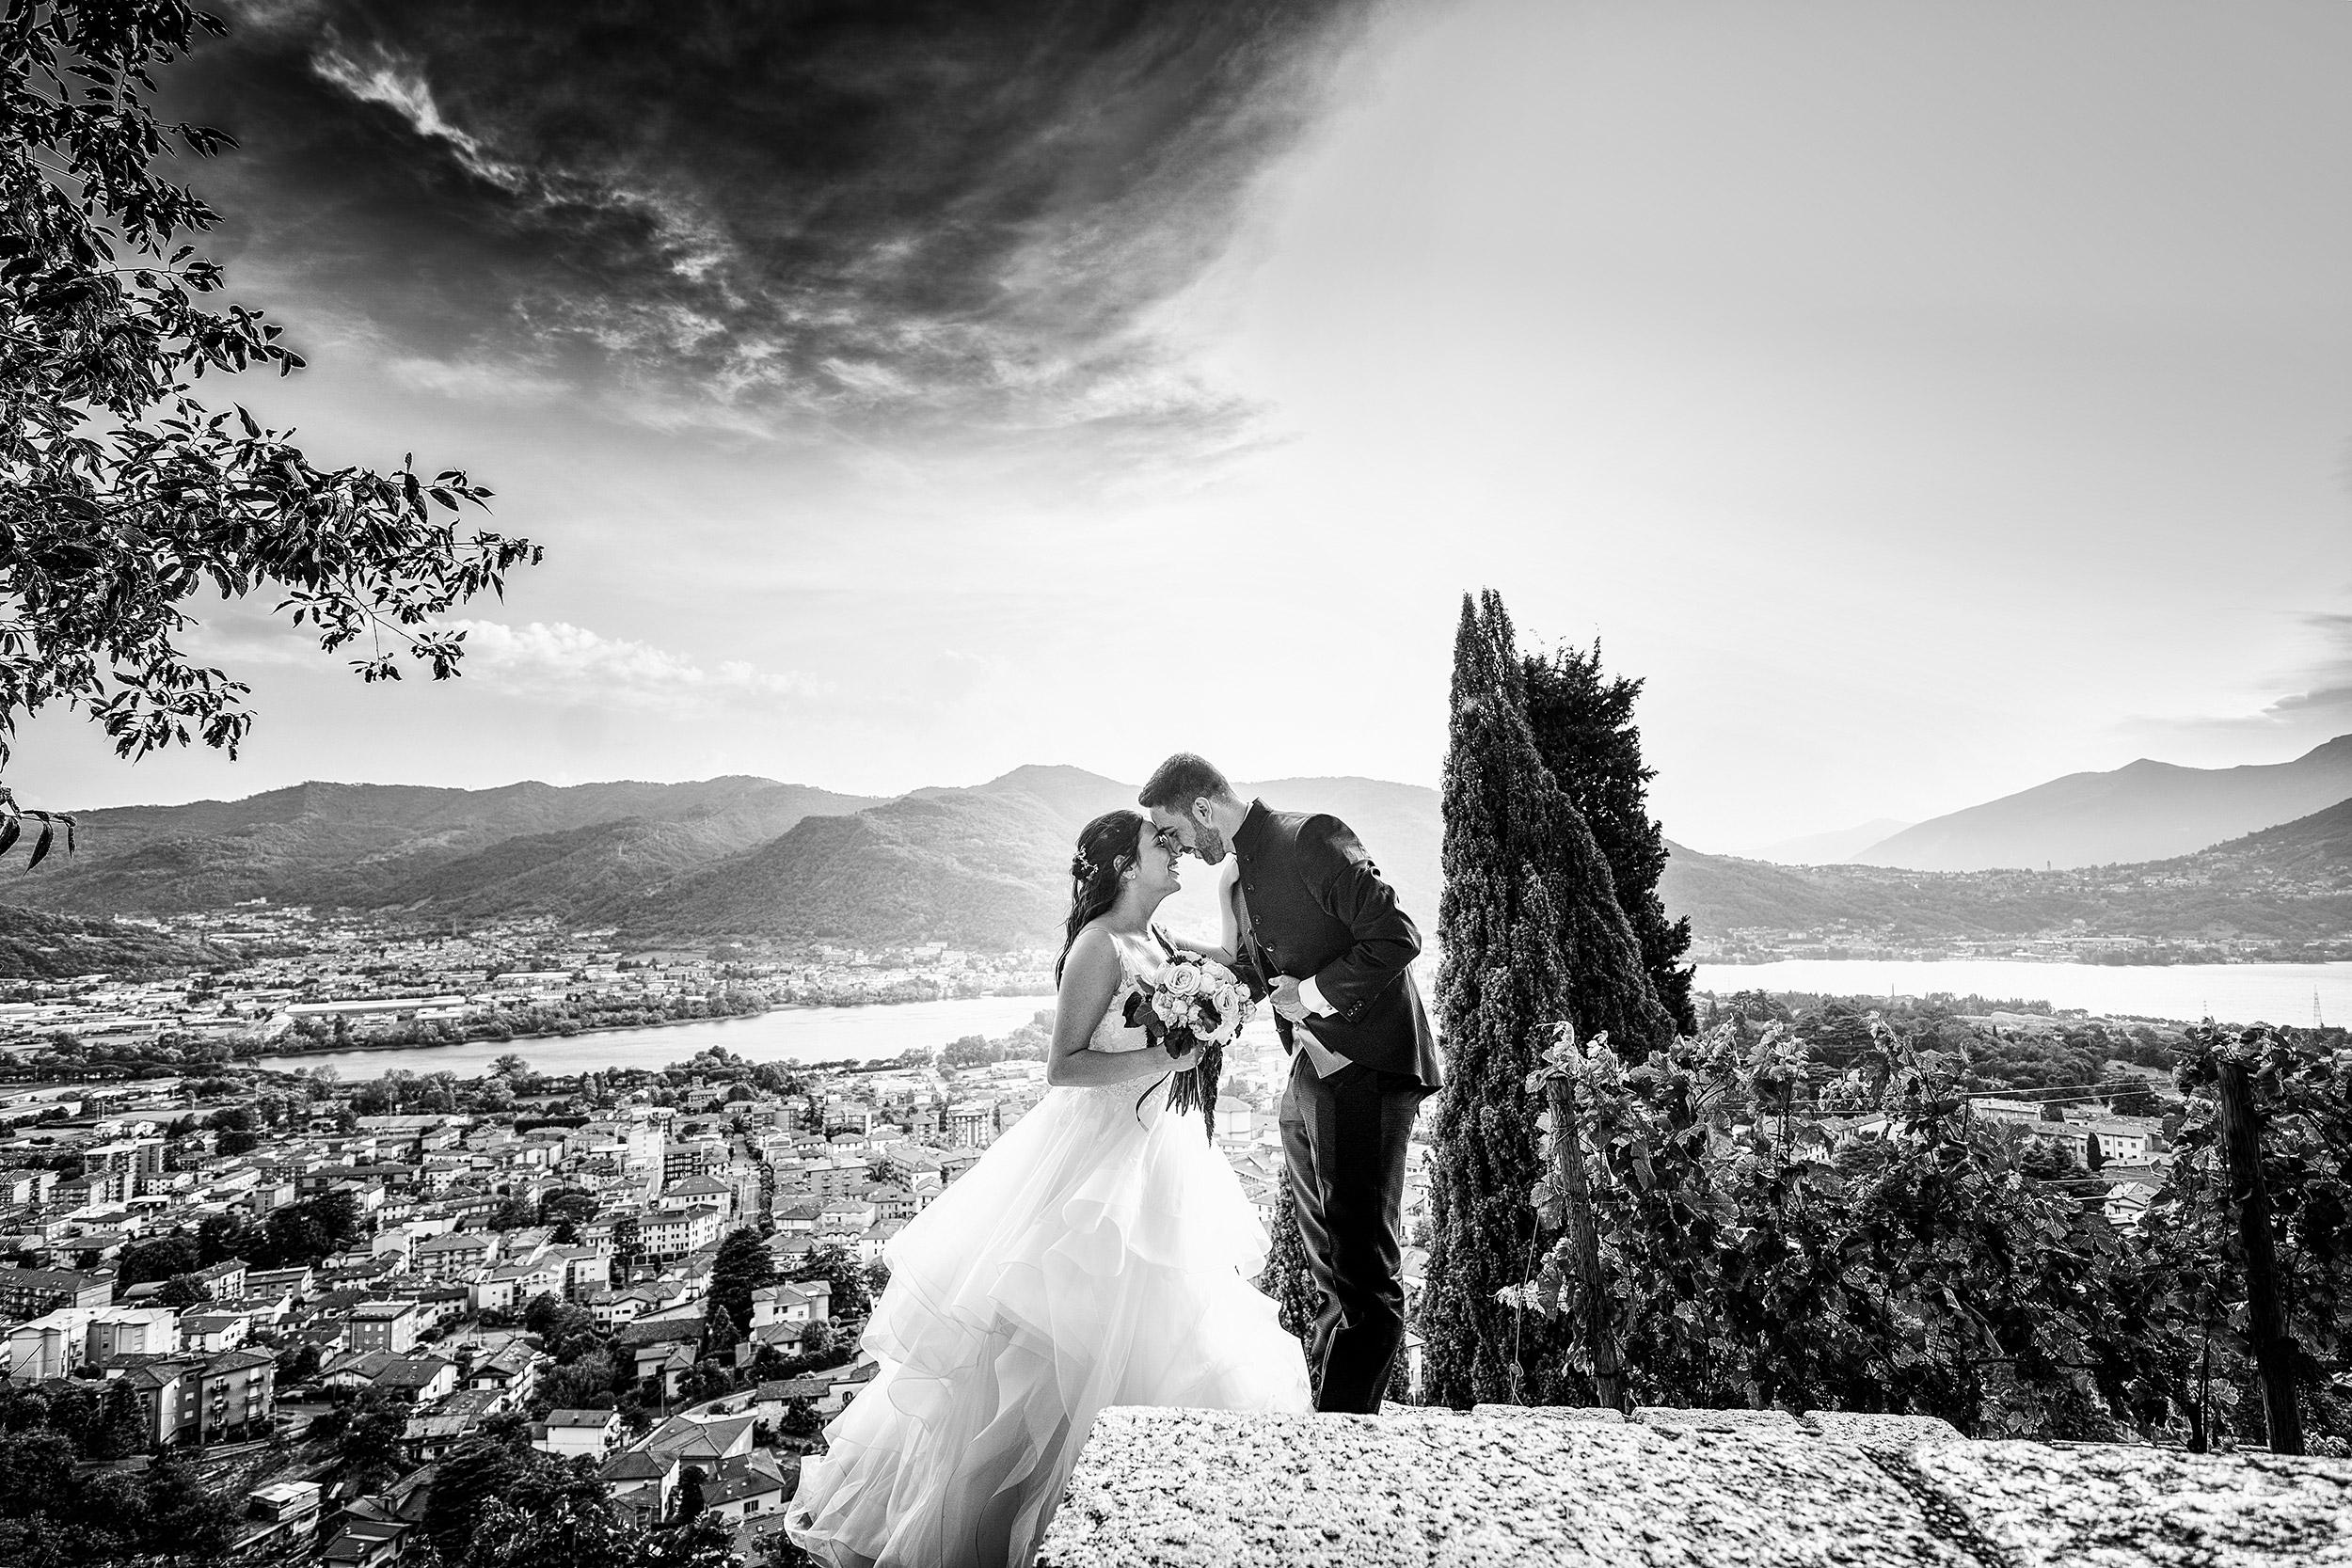 000 reportage wedding sposi foto matrimonio castello rossino lecco vista lago como 3